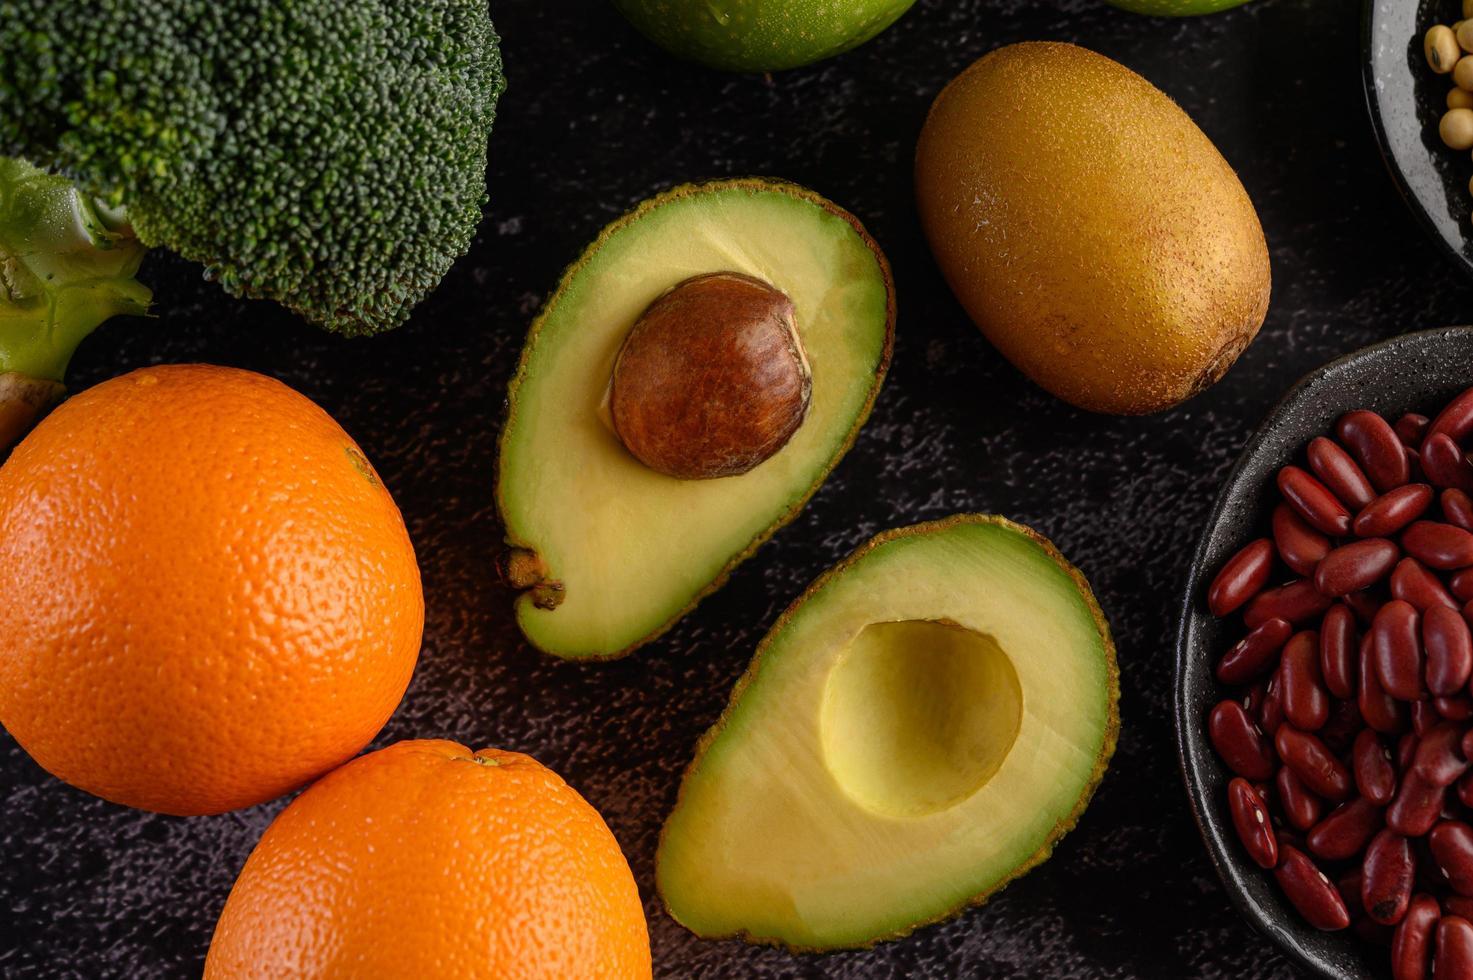 brócoli, manzana, naranja, kiwi, aguacate y frijoles sobre un fondo de piso de cemento negro foto